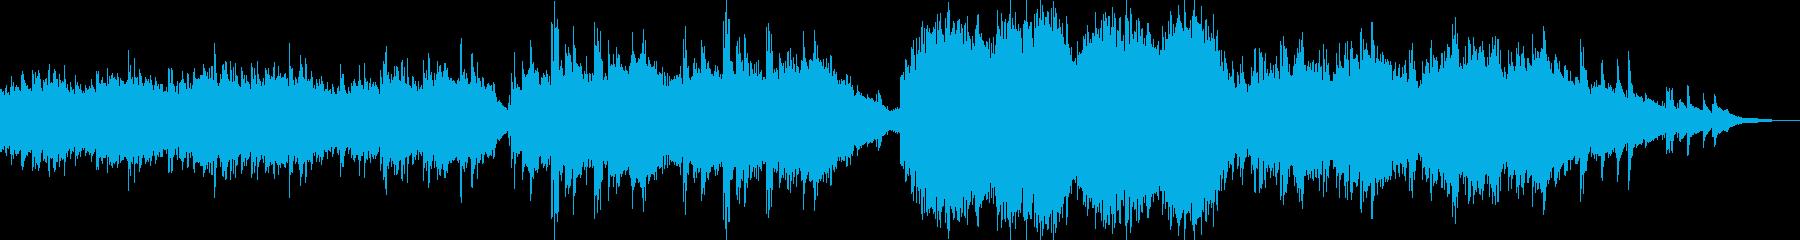 現代的 交響曲 クラシック ほのぼ...の再生済みの波形